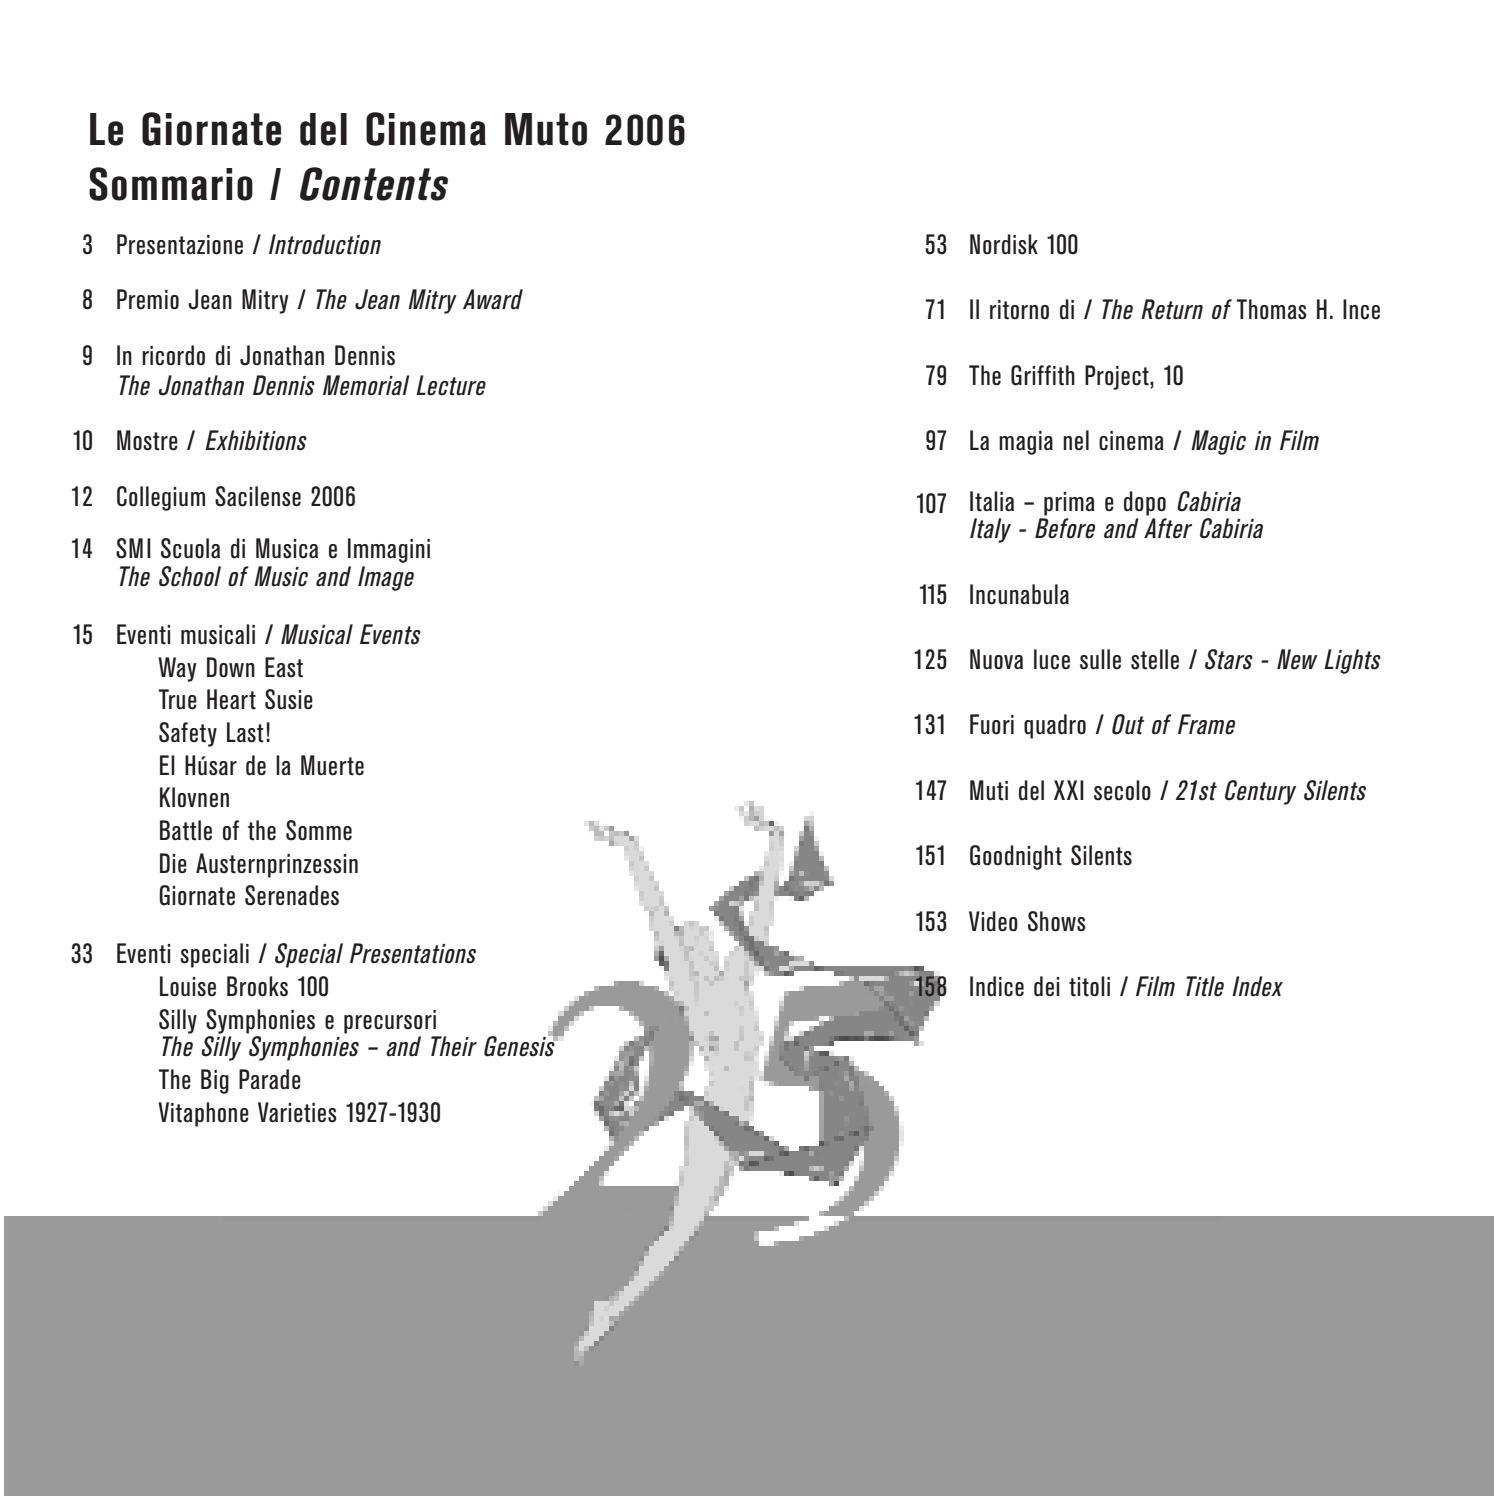 Le Giornate Del Cinema Muto Catalogo 2006 By Aficfestival Issuu